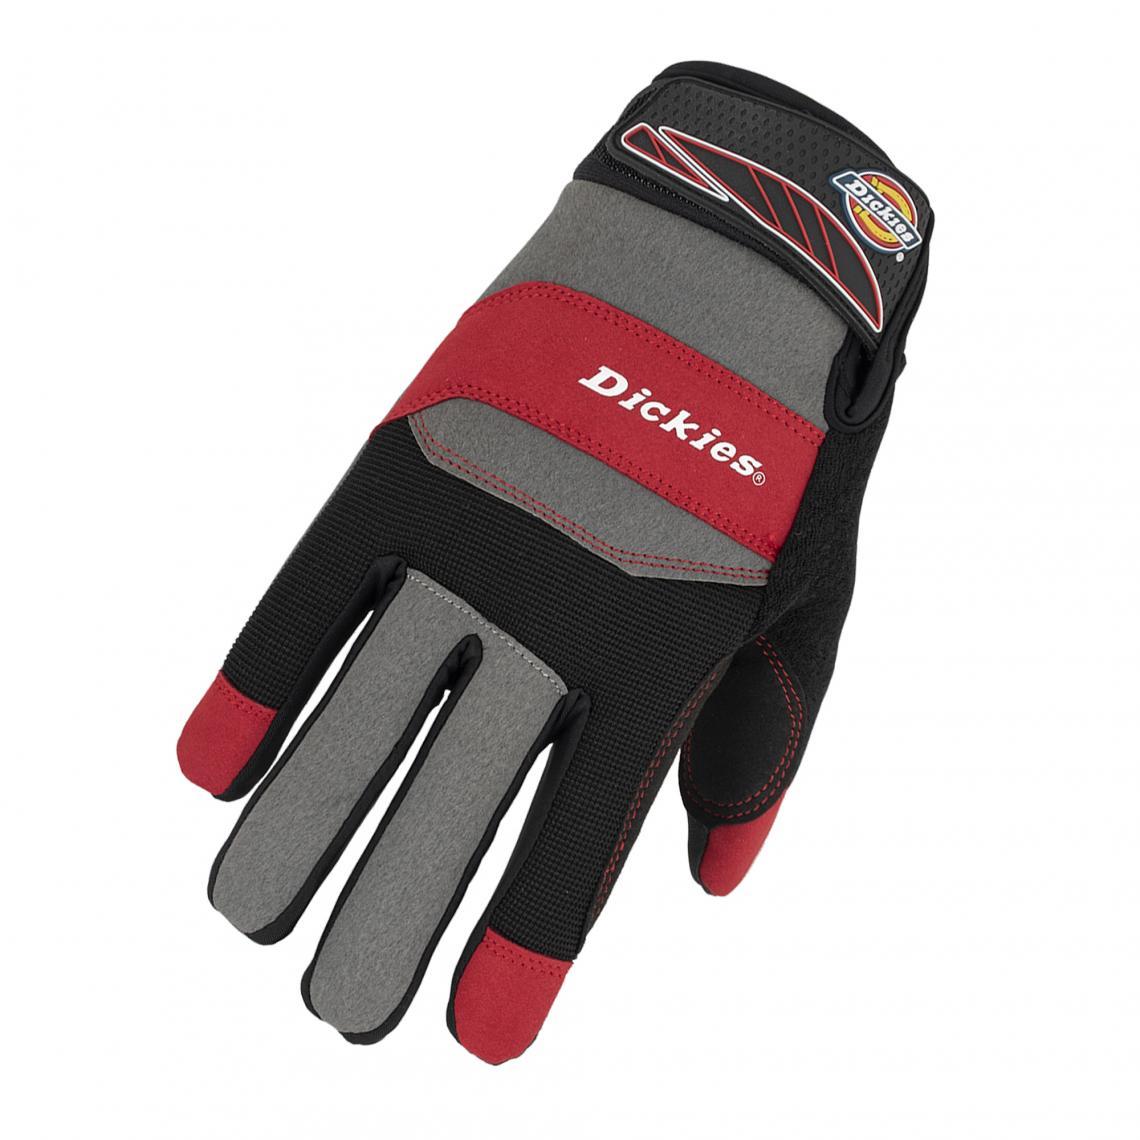 Gloves - Mechanics - Dickies - Large 789301DI